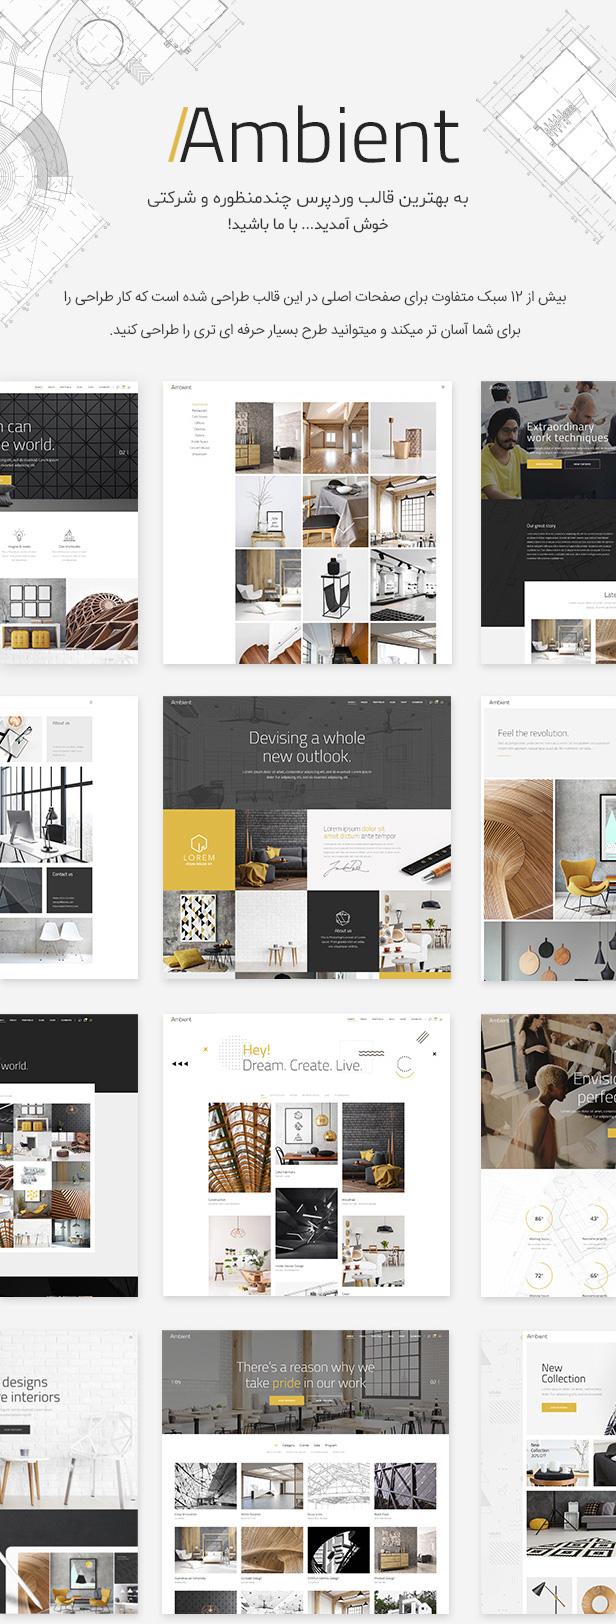 طراحی سایت با قالب Ambient